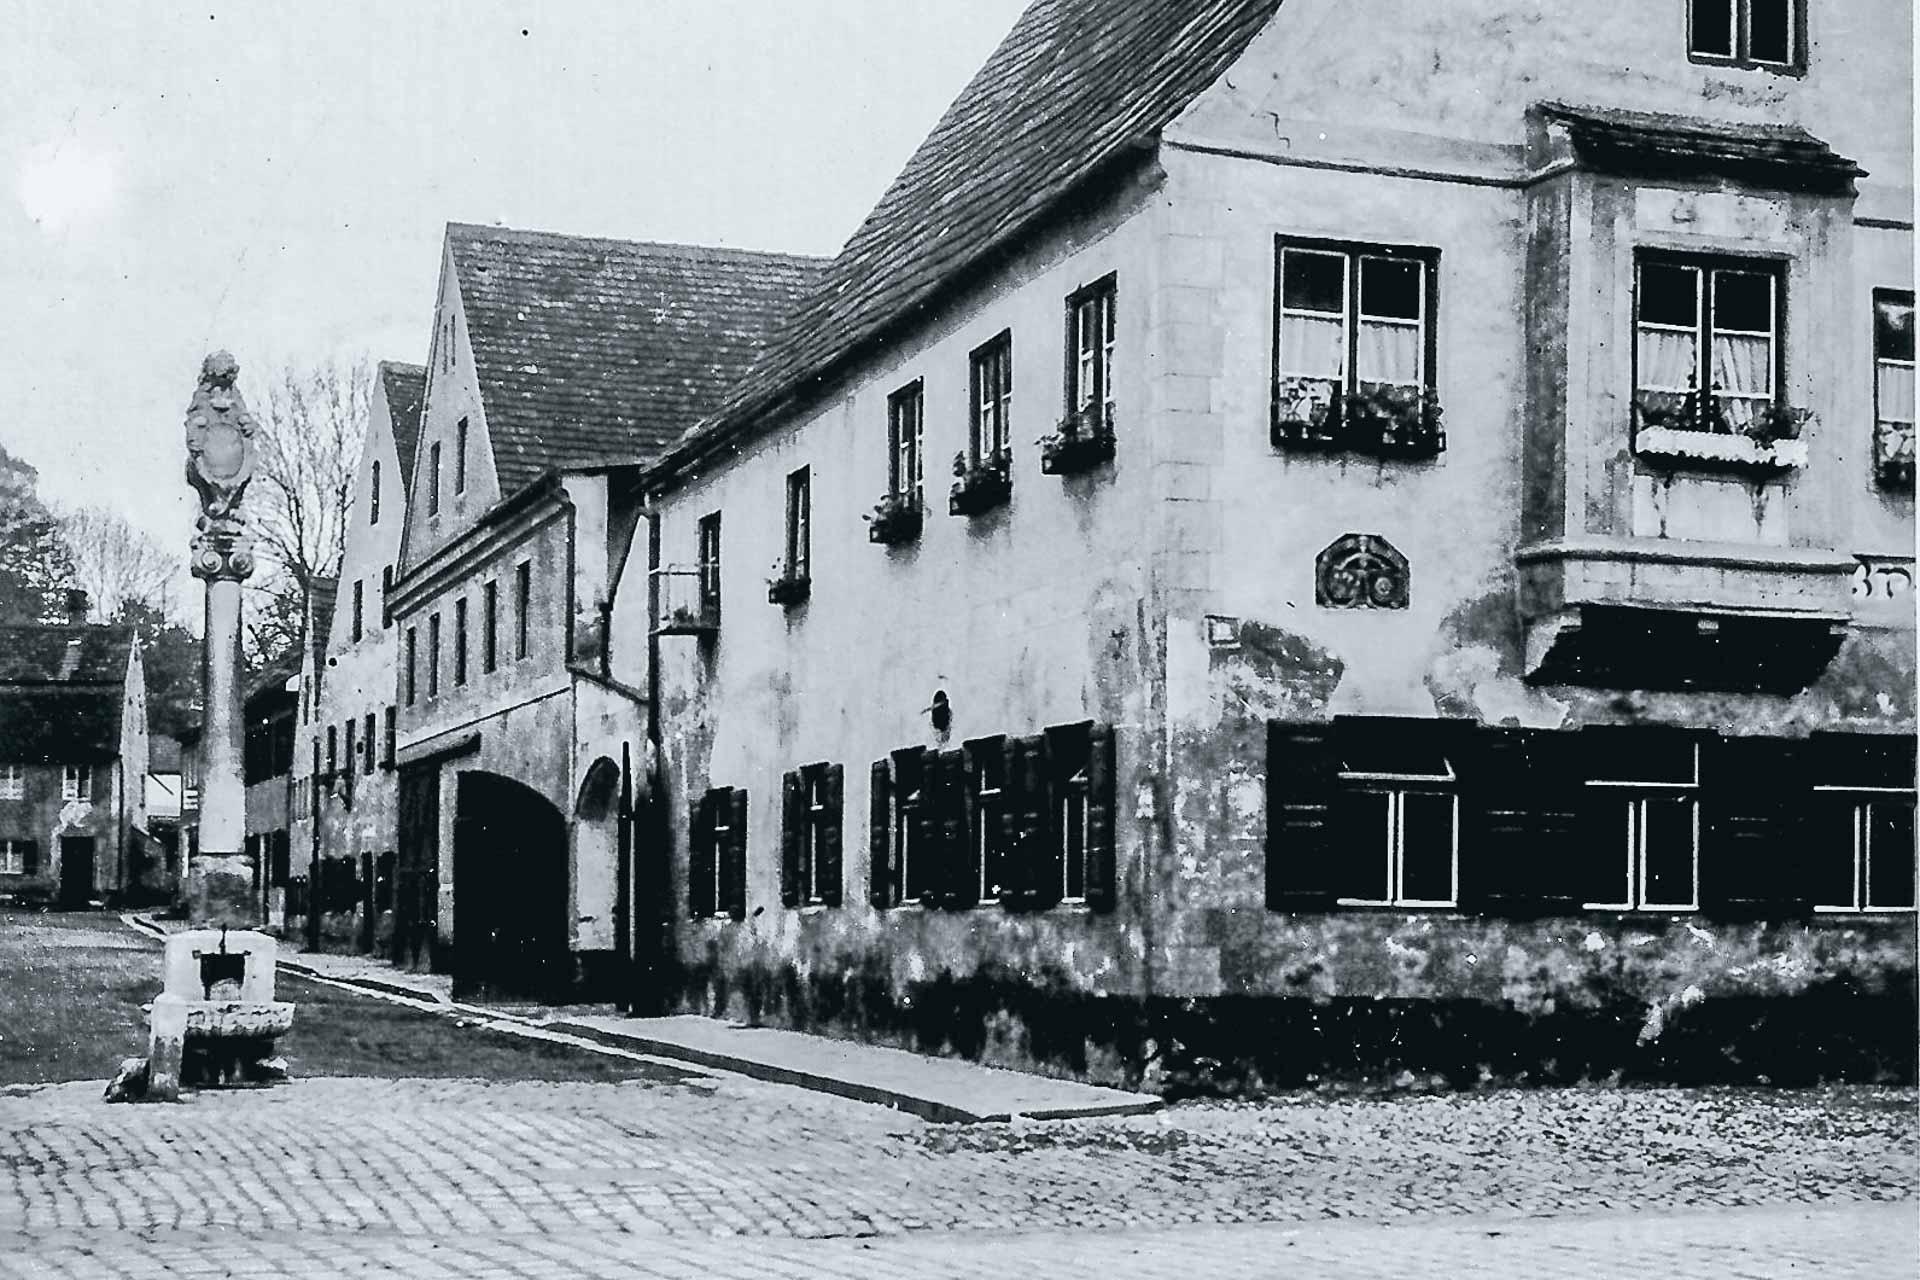 Hallertau Insider - Pfaffenhofen (Hallertau.de)